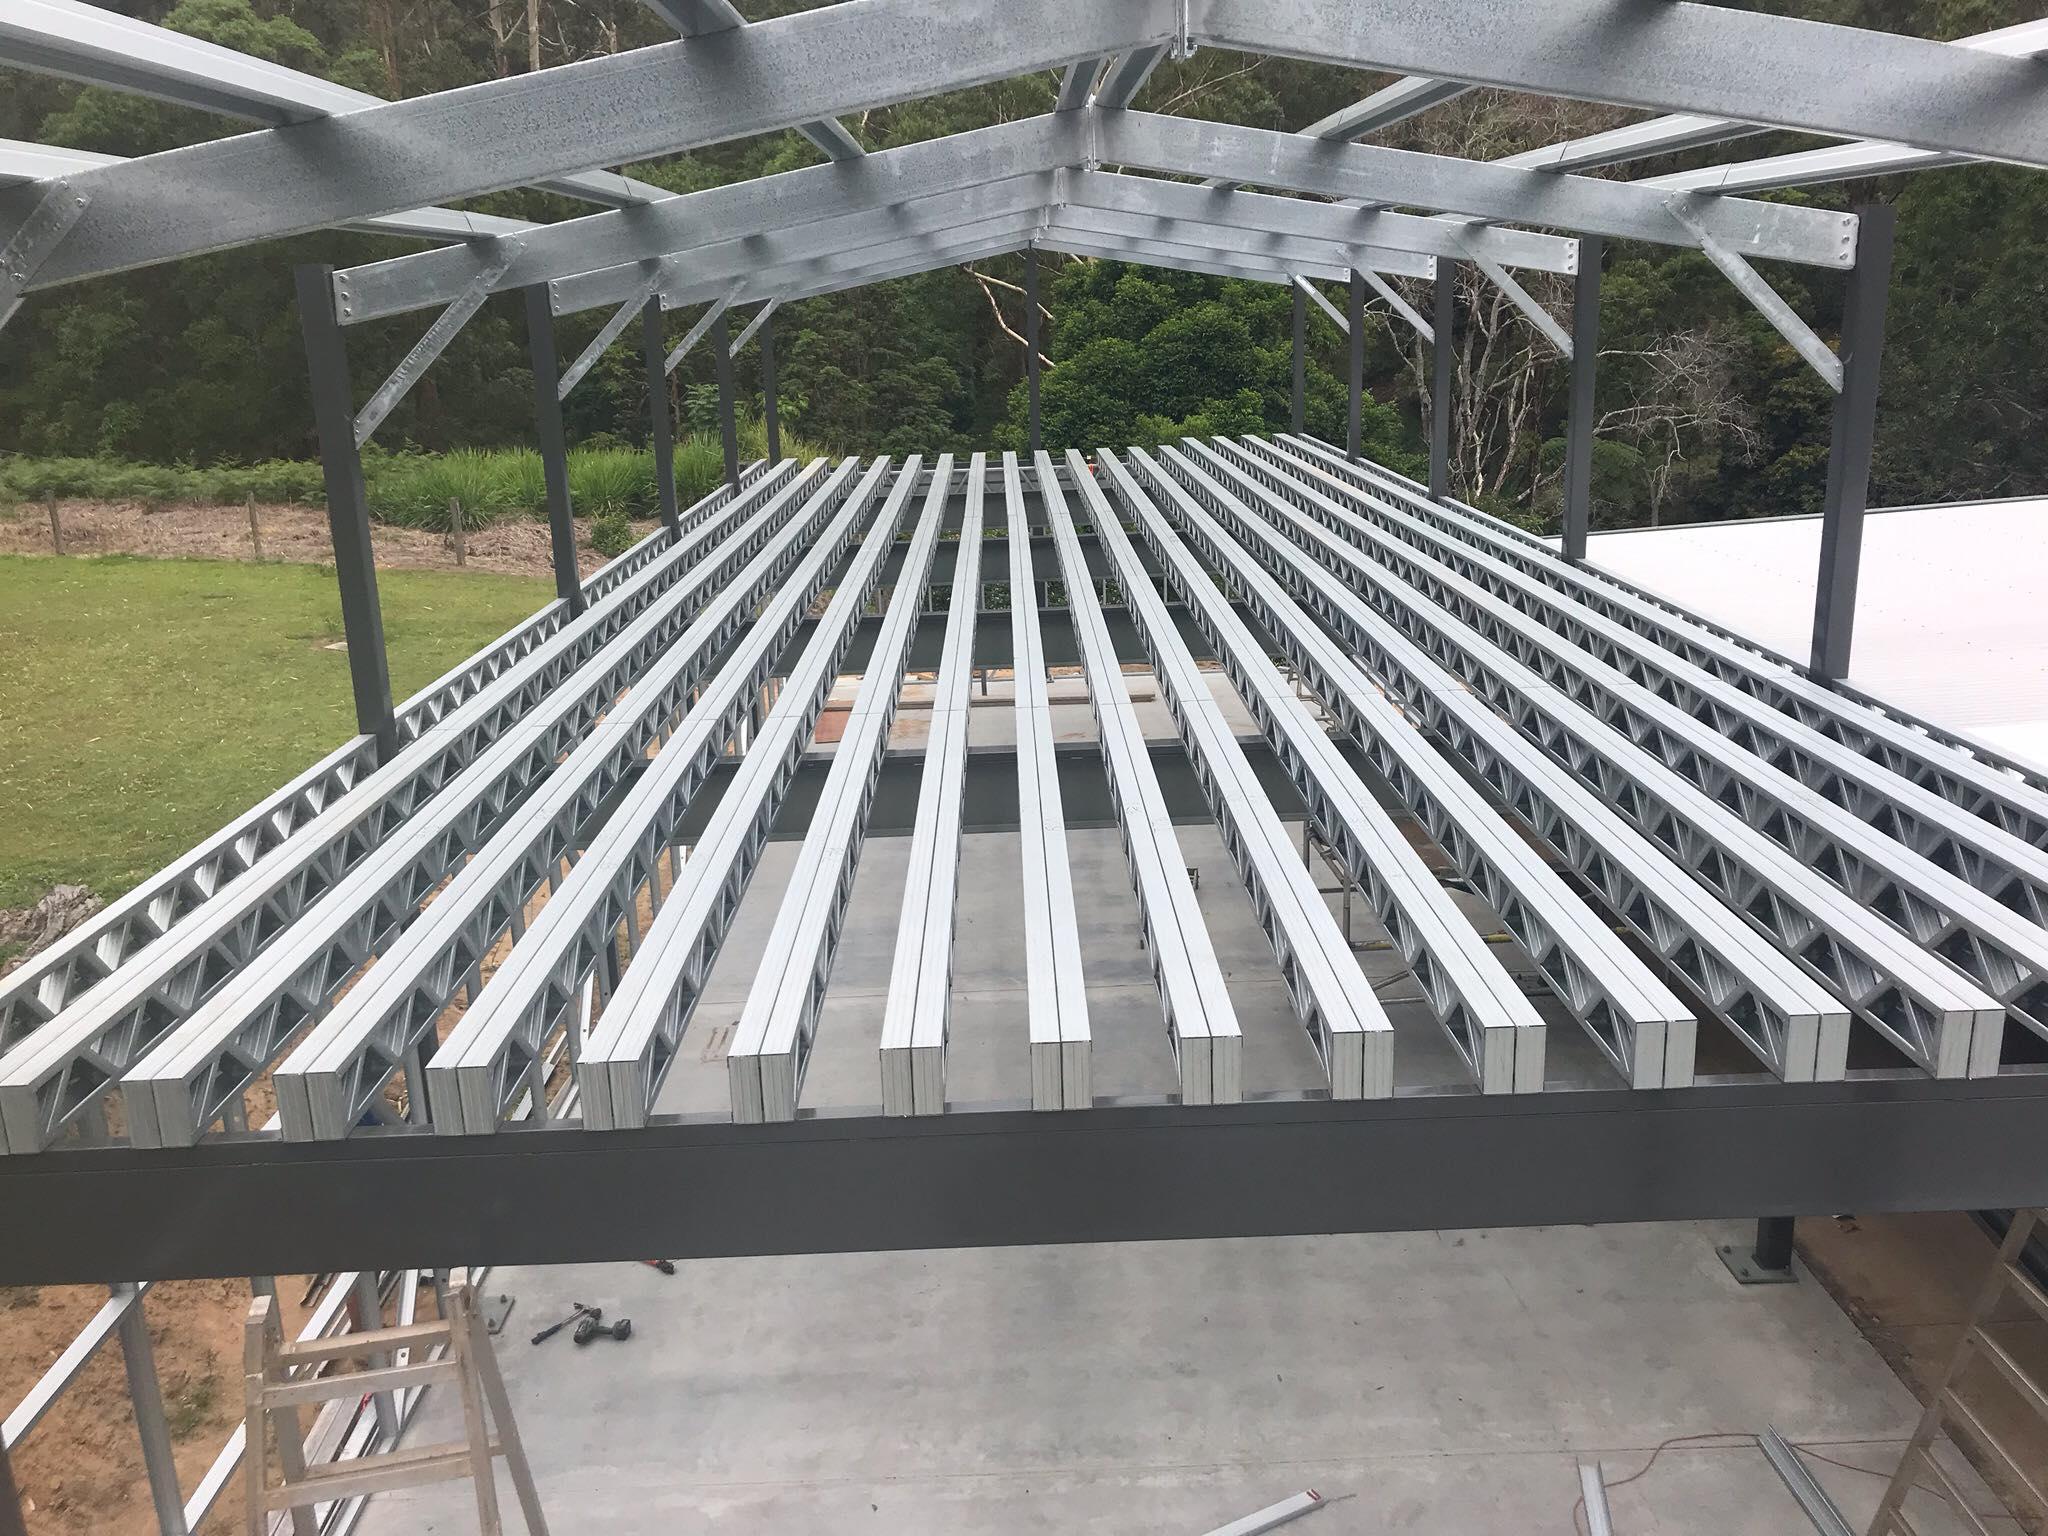 Gable roof frame